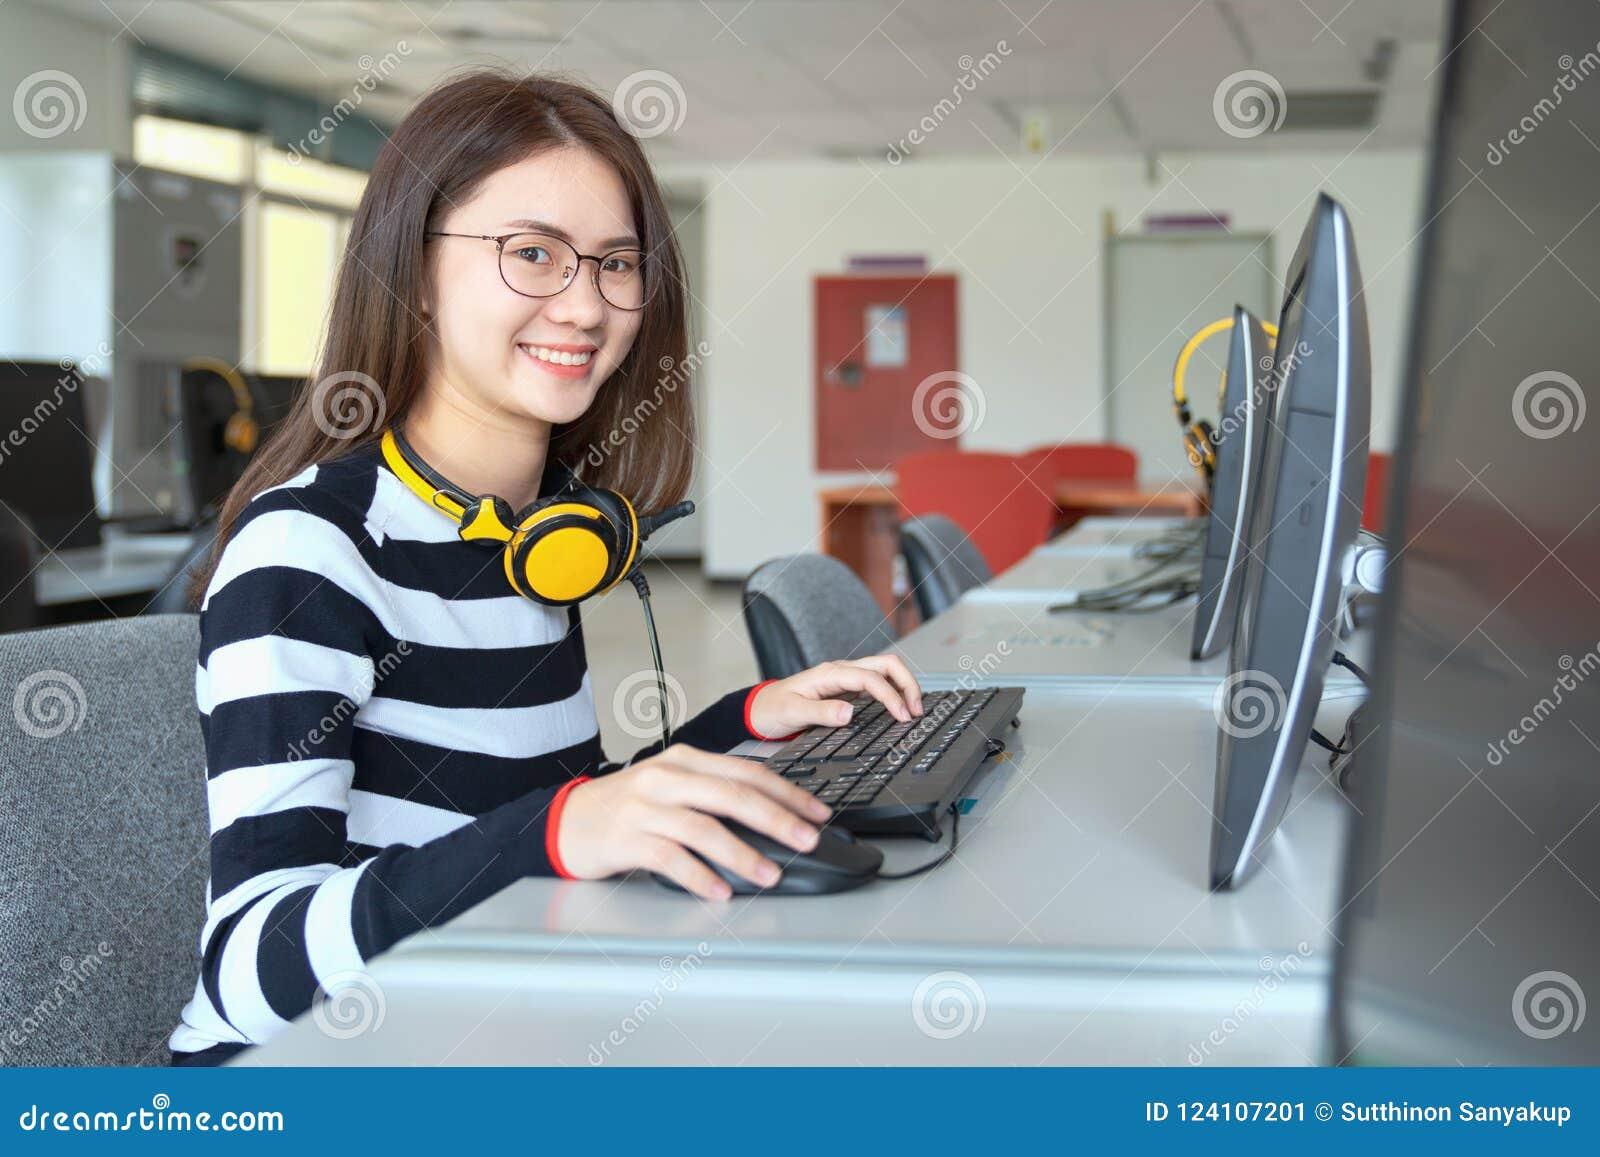 Junge Studentinstudie in der Schulbibliothek, sie unter Verwendung des Laptops und online lernen, zurück zu Schulbildungswissensc